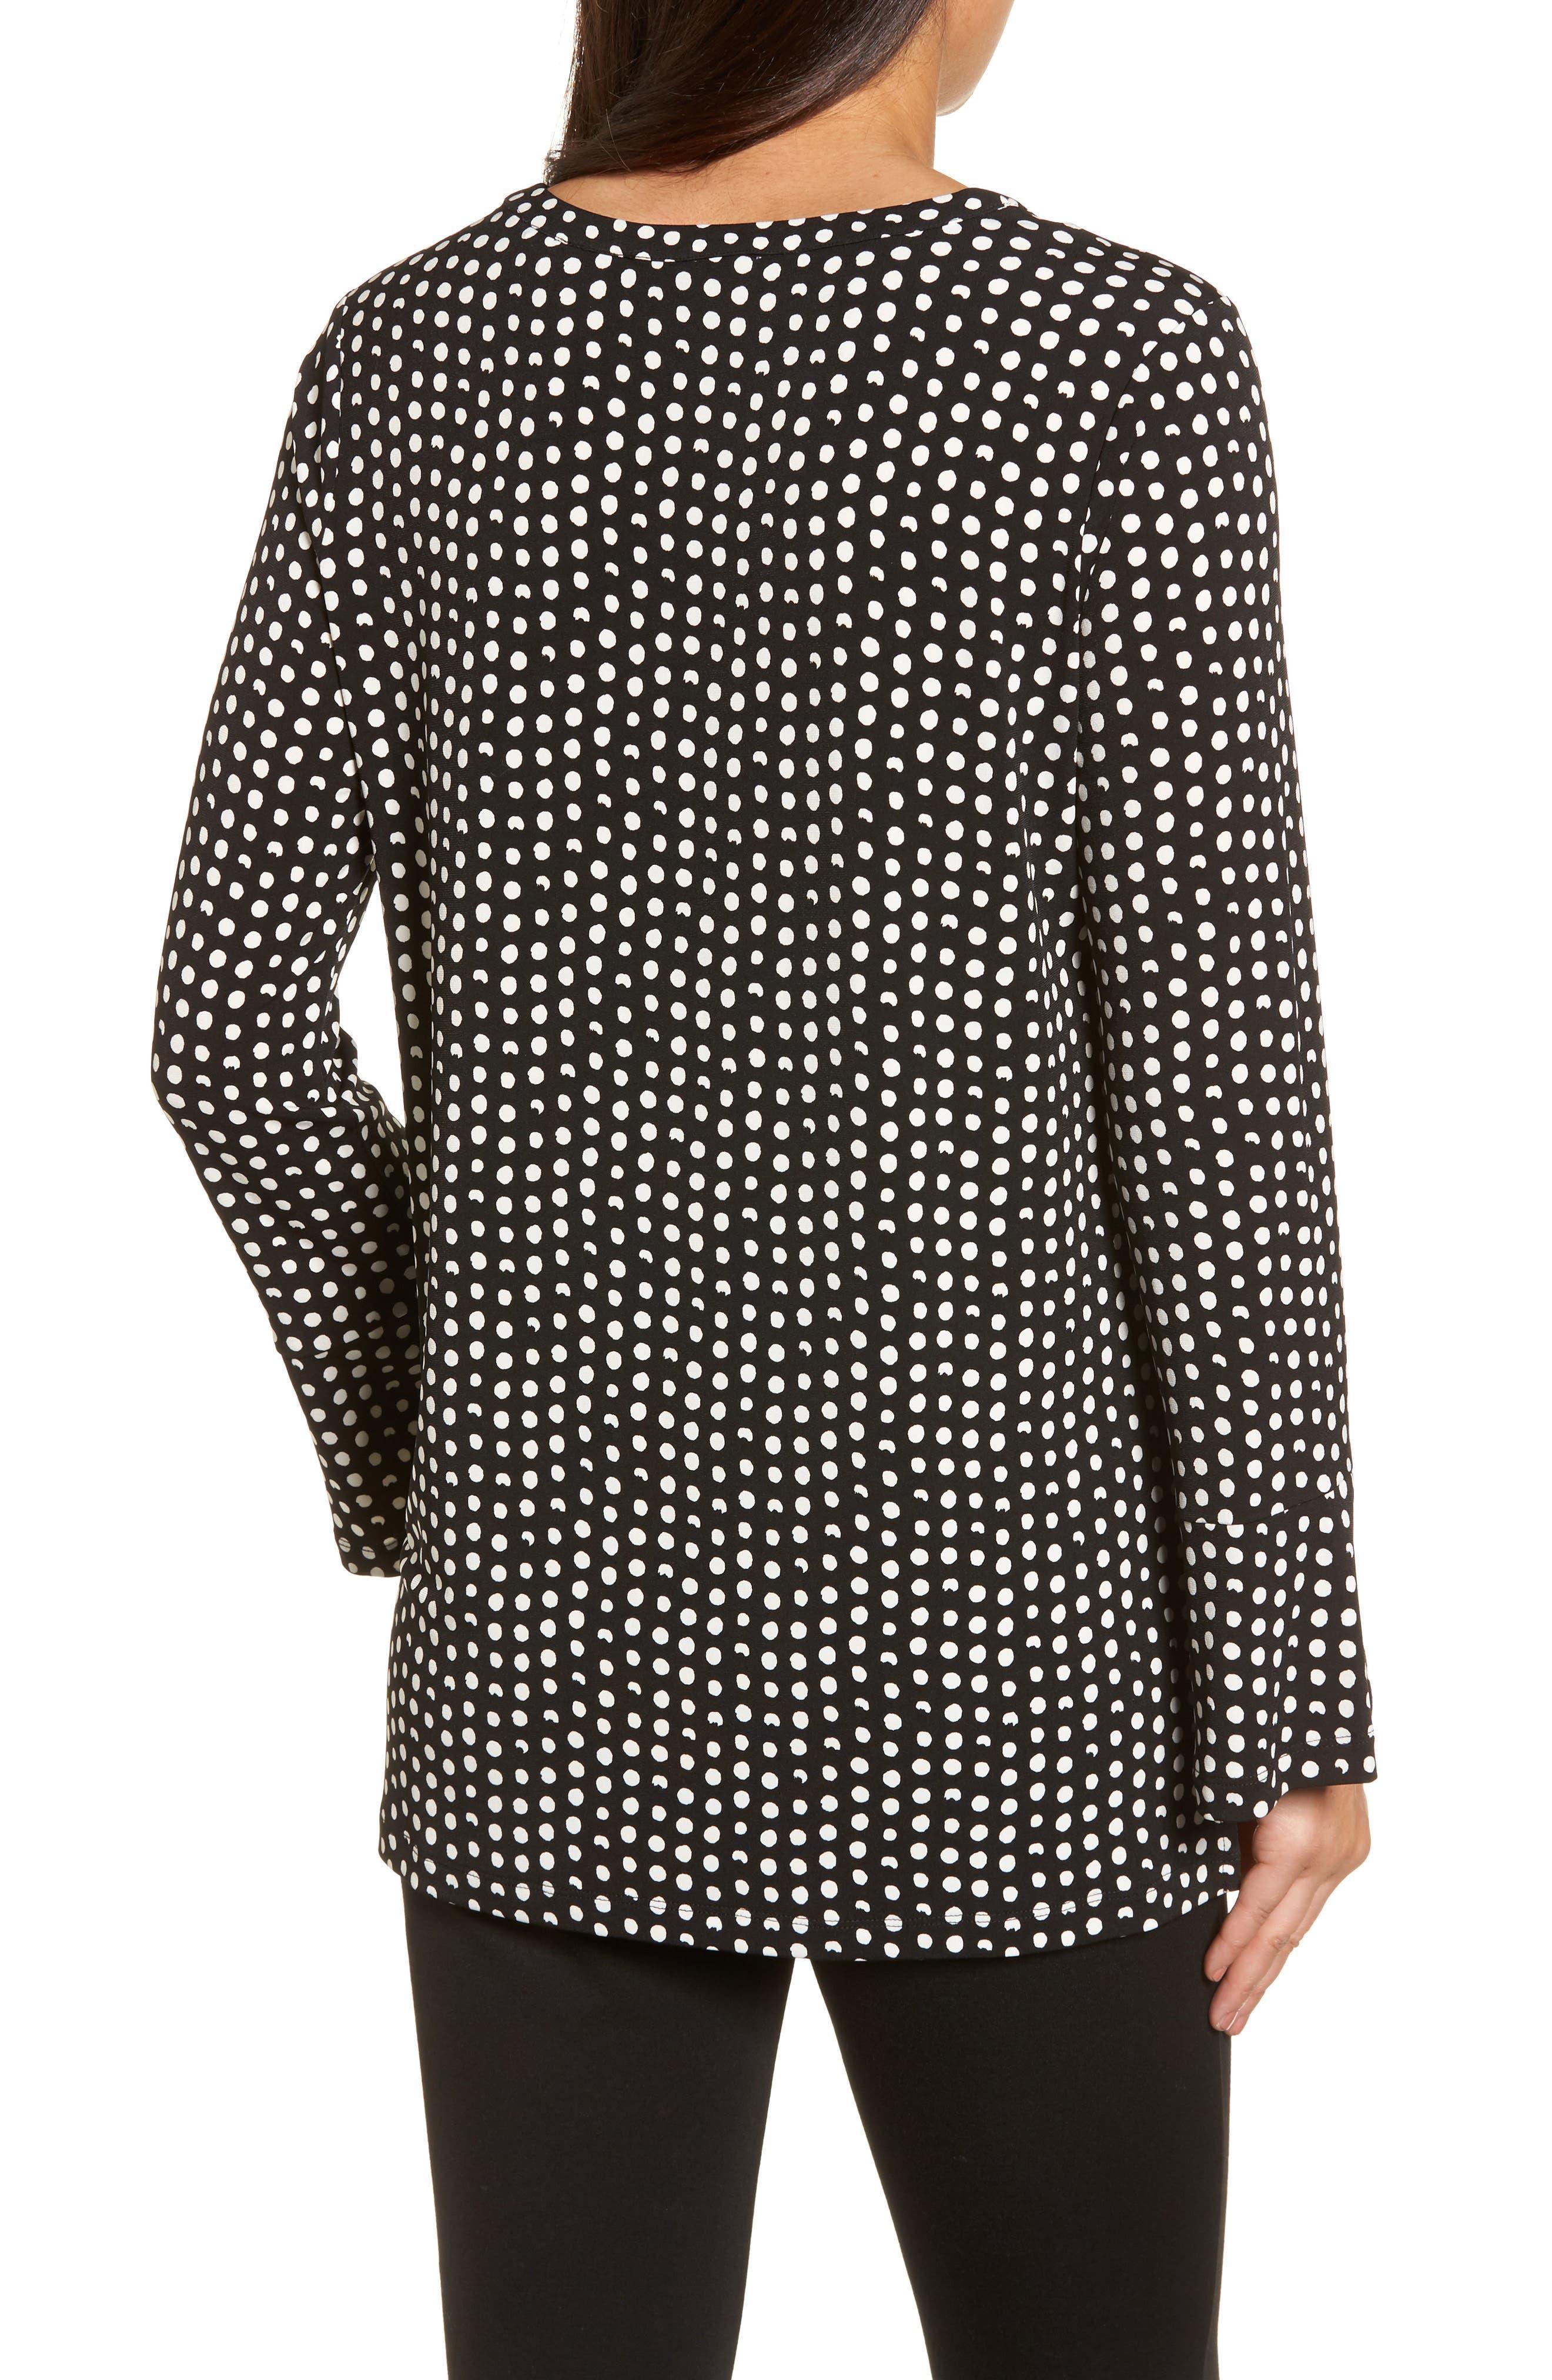 Alternate Image 2  - Chaus Polka Dot Matte Jersey Top